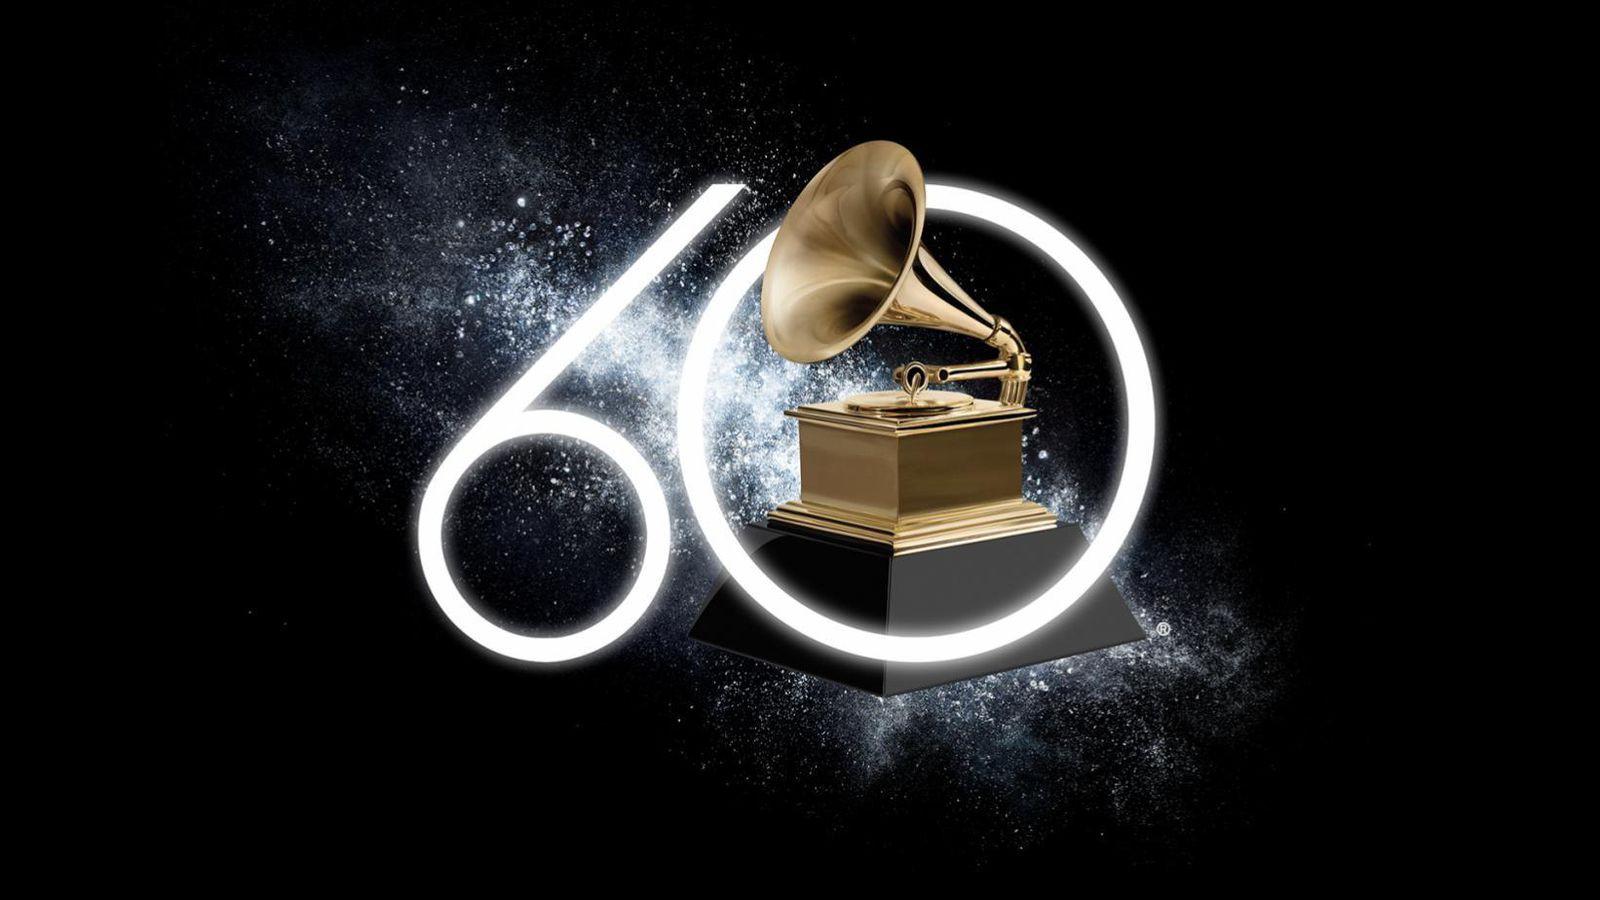 Grammy 2018: Bất chấp mọi dự đoán, Bruno Mars thắng 3/4 giải lớn nhất, Jay-Z nhiều đề cử nhất nhưng lại trắng tay - Ảnh 1.